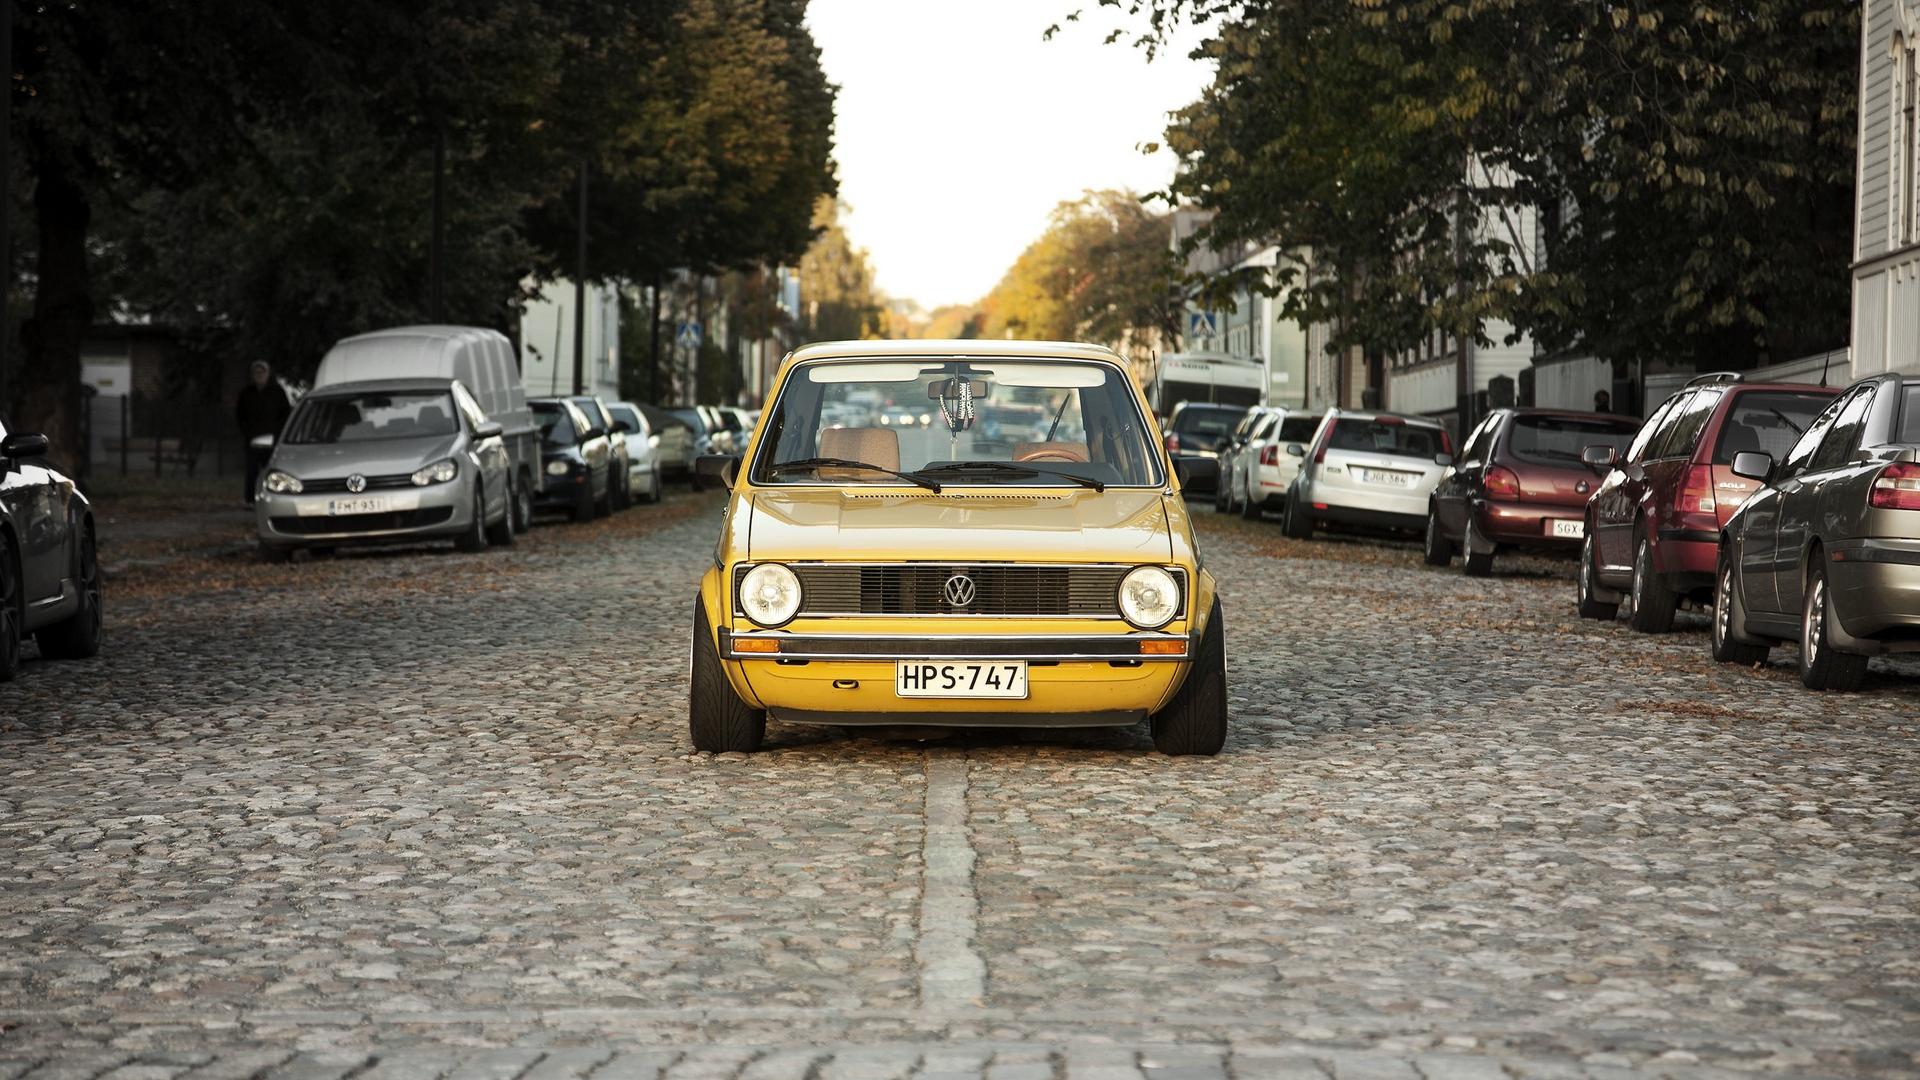 Download wallpaper 1920x1080 volkswagen golf mk1 yellow front 1920x1080